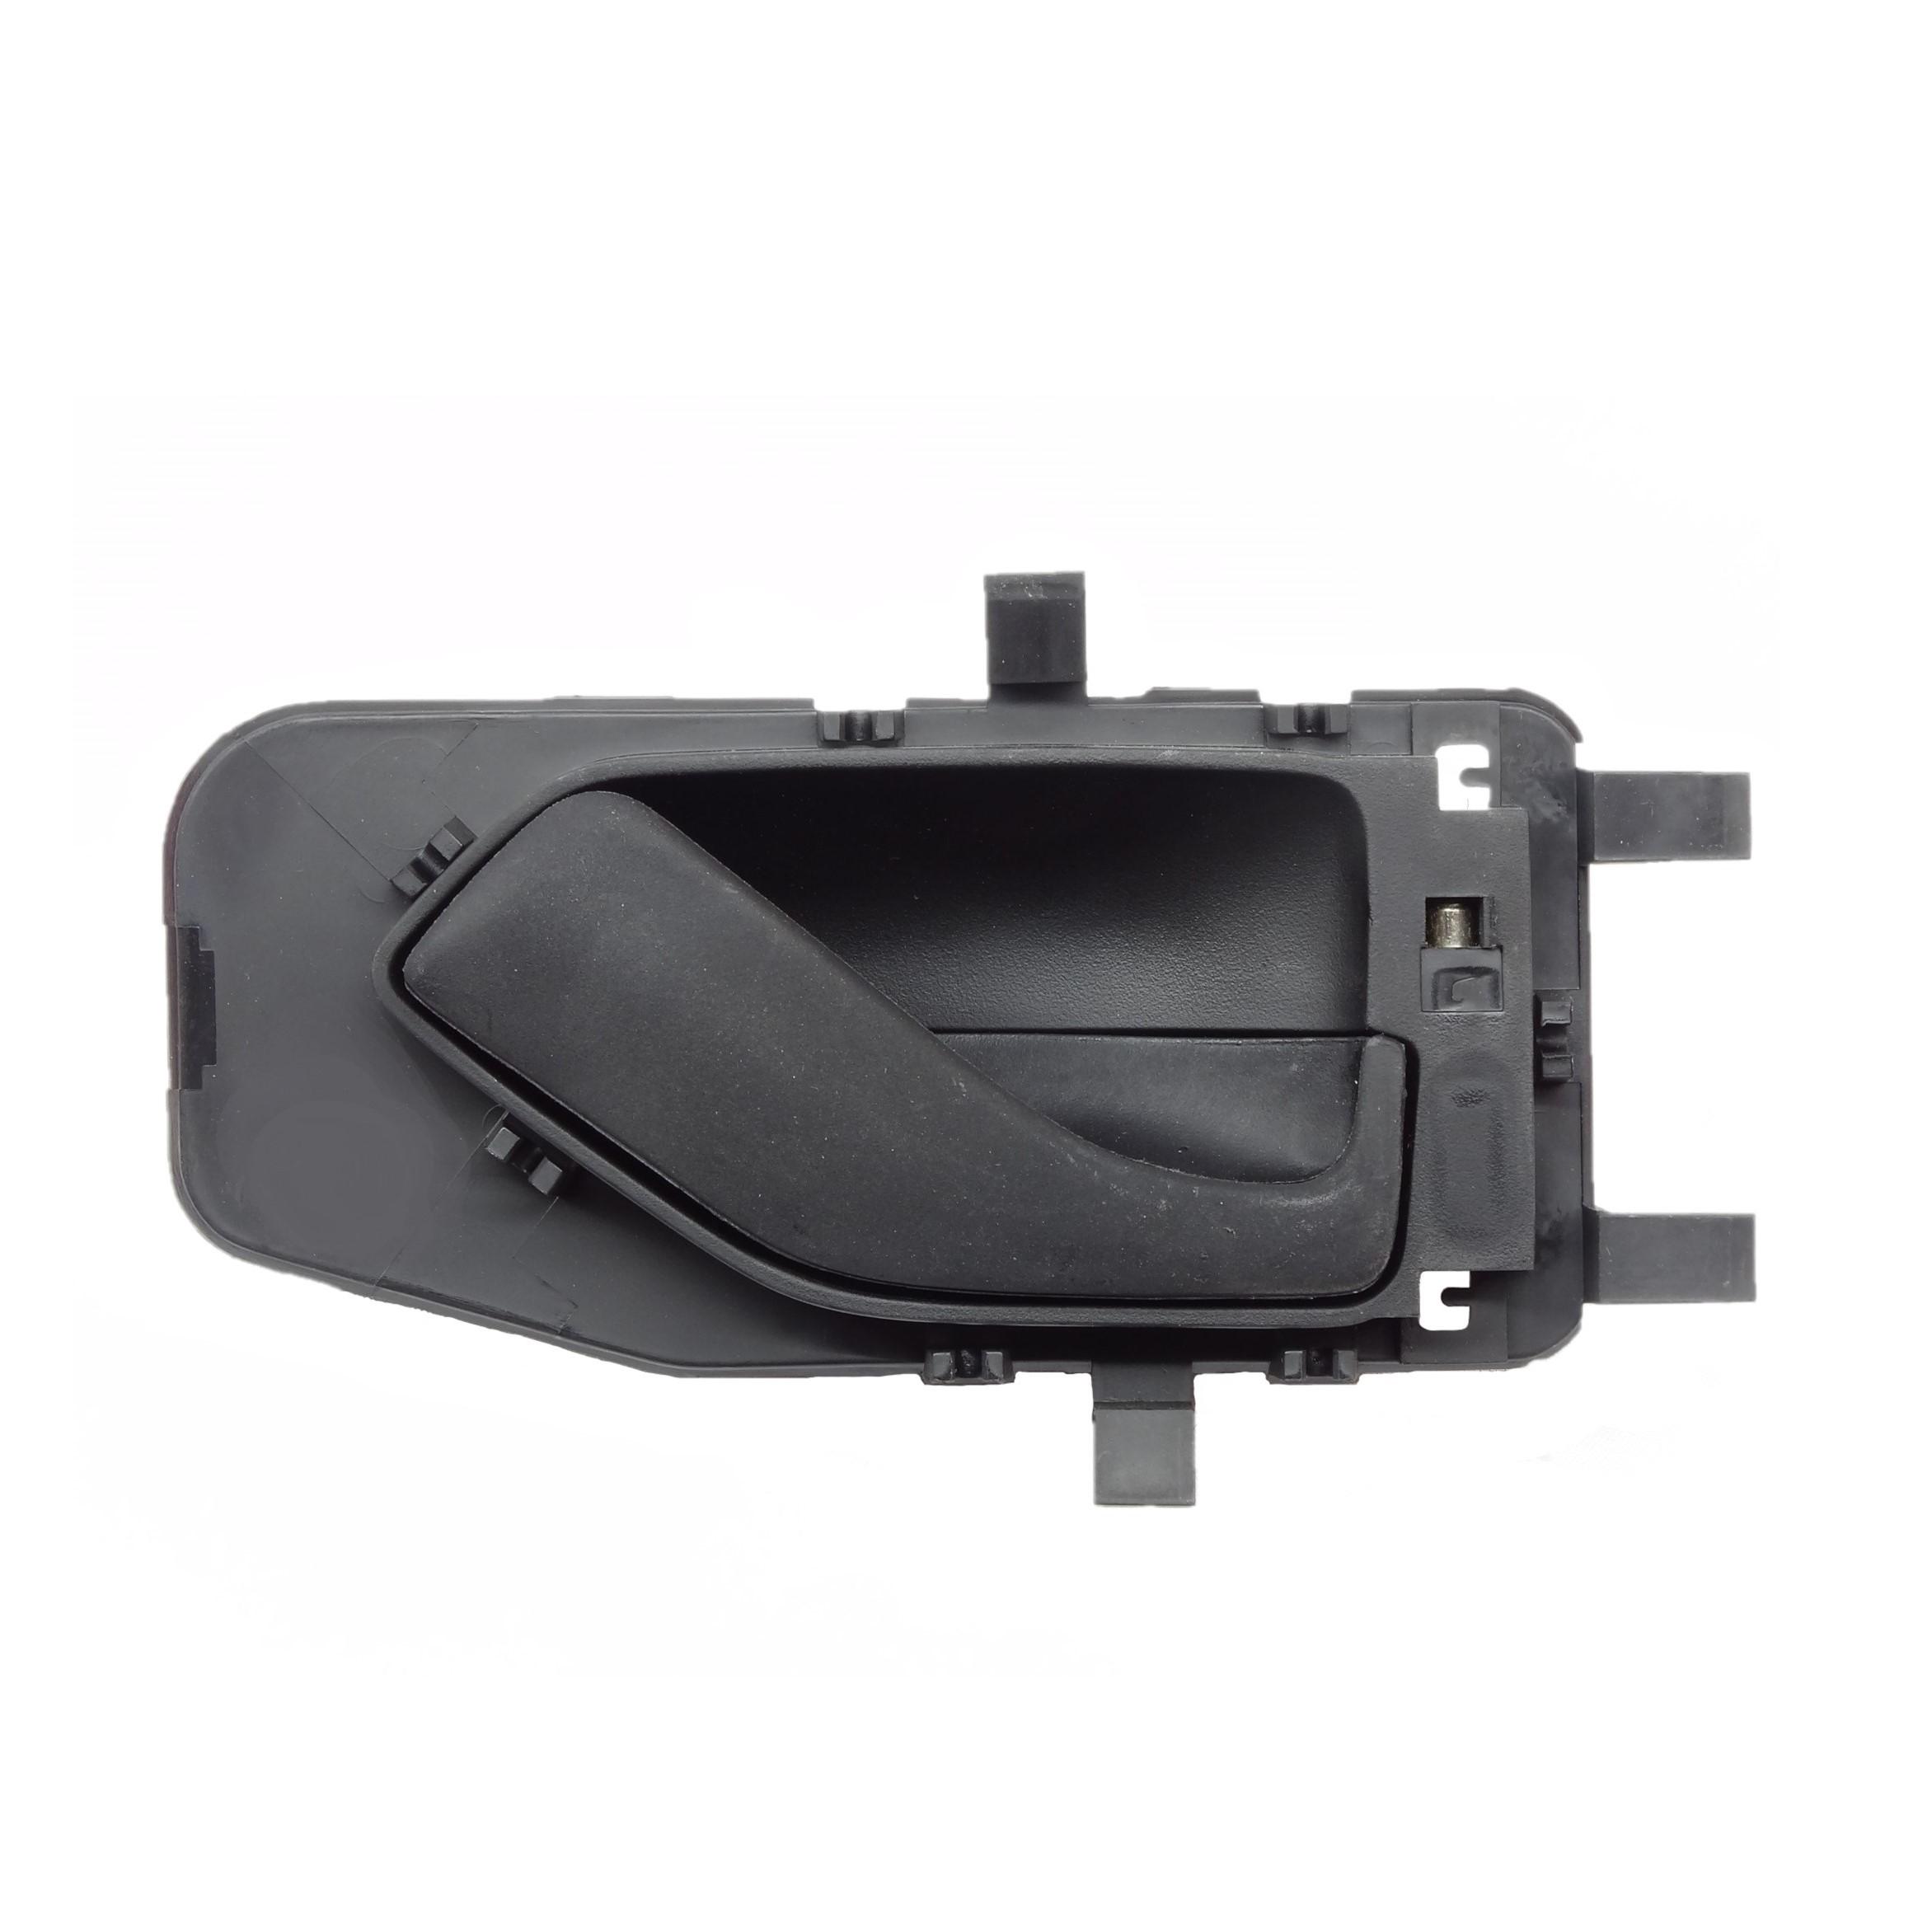 دستگیره داخلی راست در خودرو مدل SH405INNDRR مناسب برای پژو 405